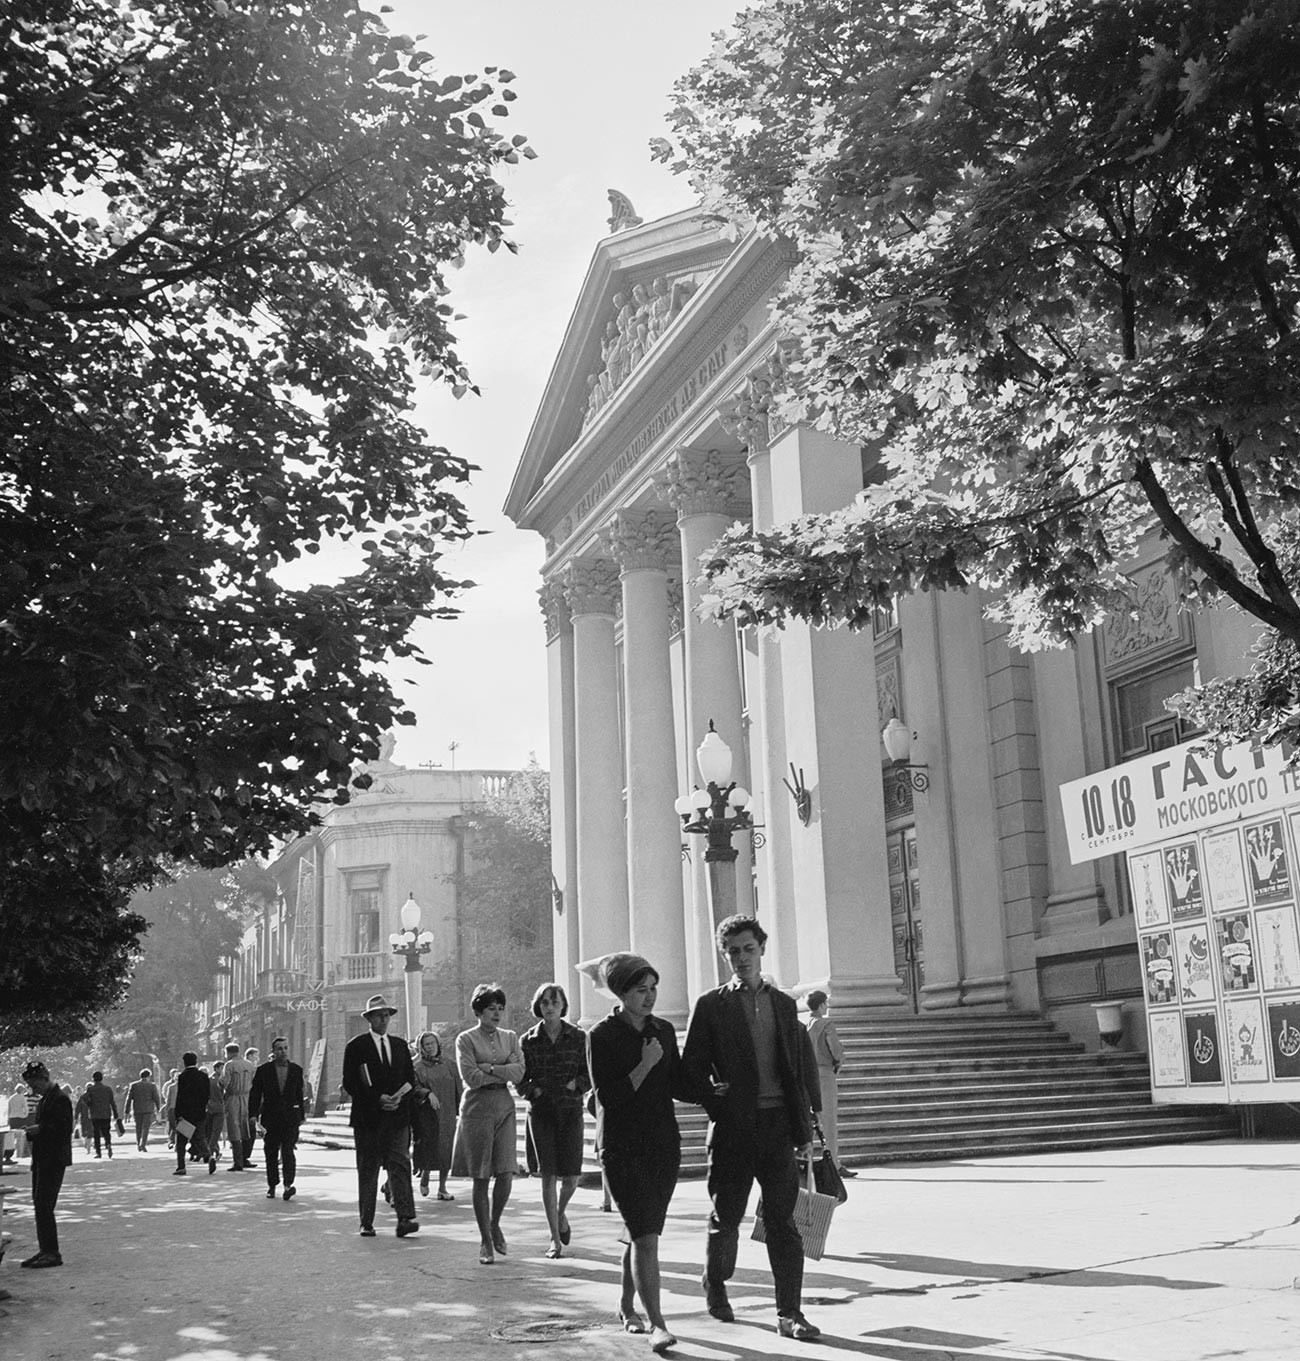 Teatro Estatal A.S. Púchkin de Música e Drama da Moldávia, na Avenida Lênin, Quichinau, 1960